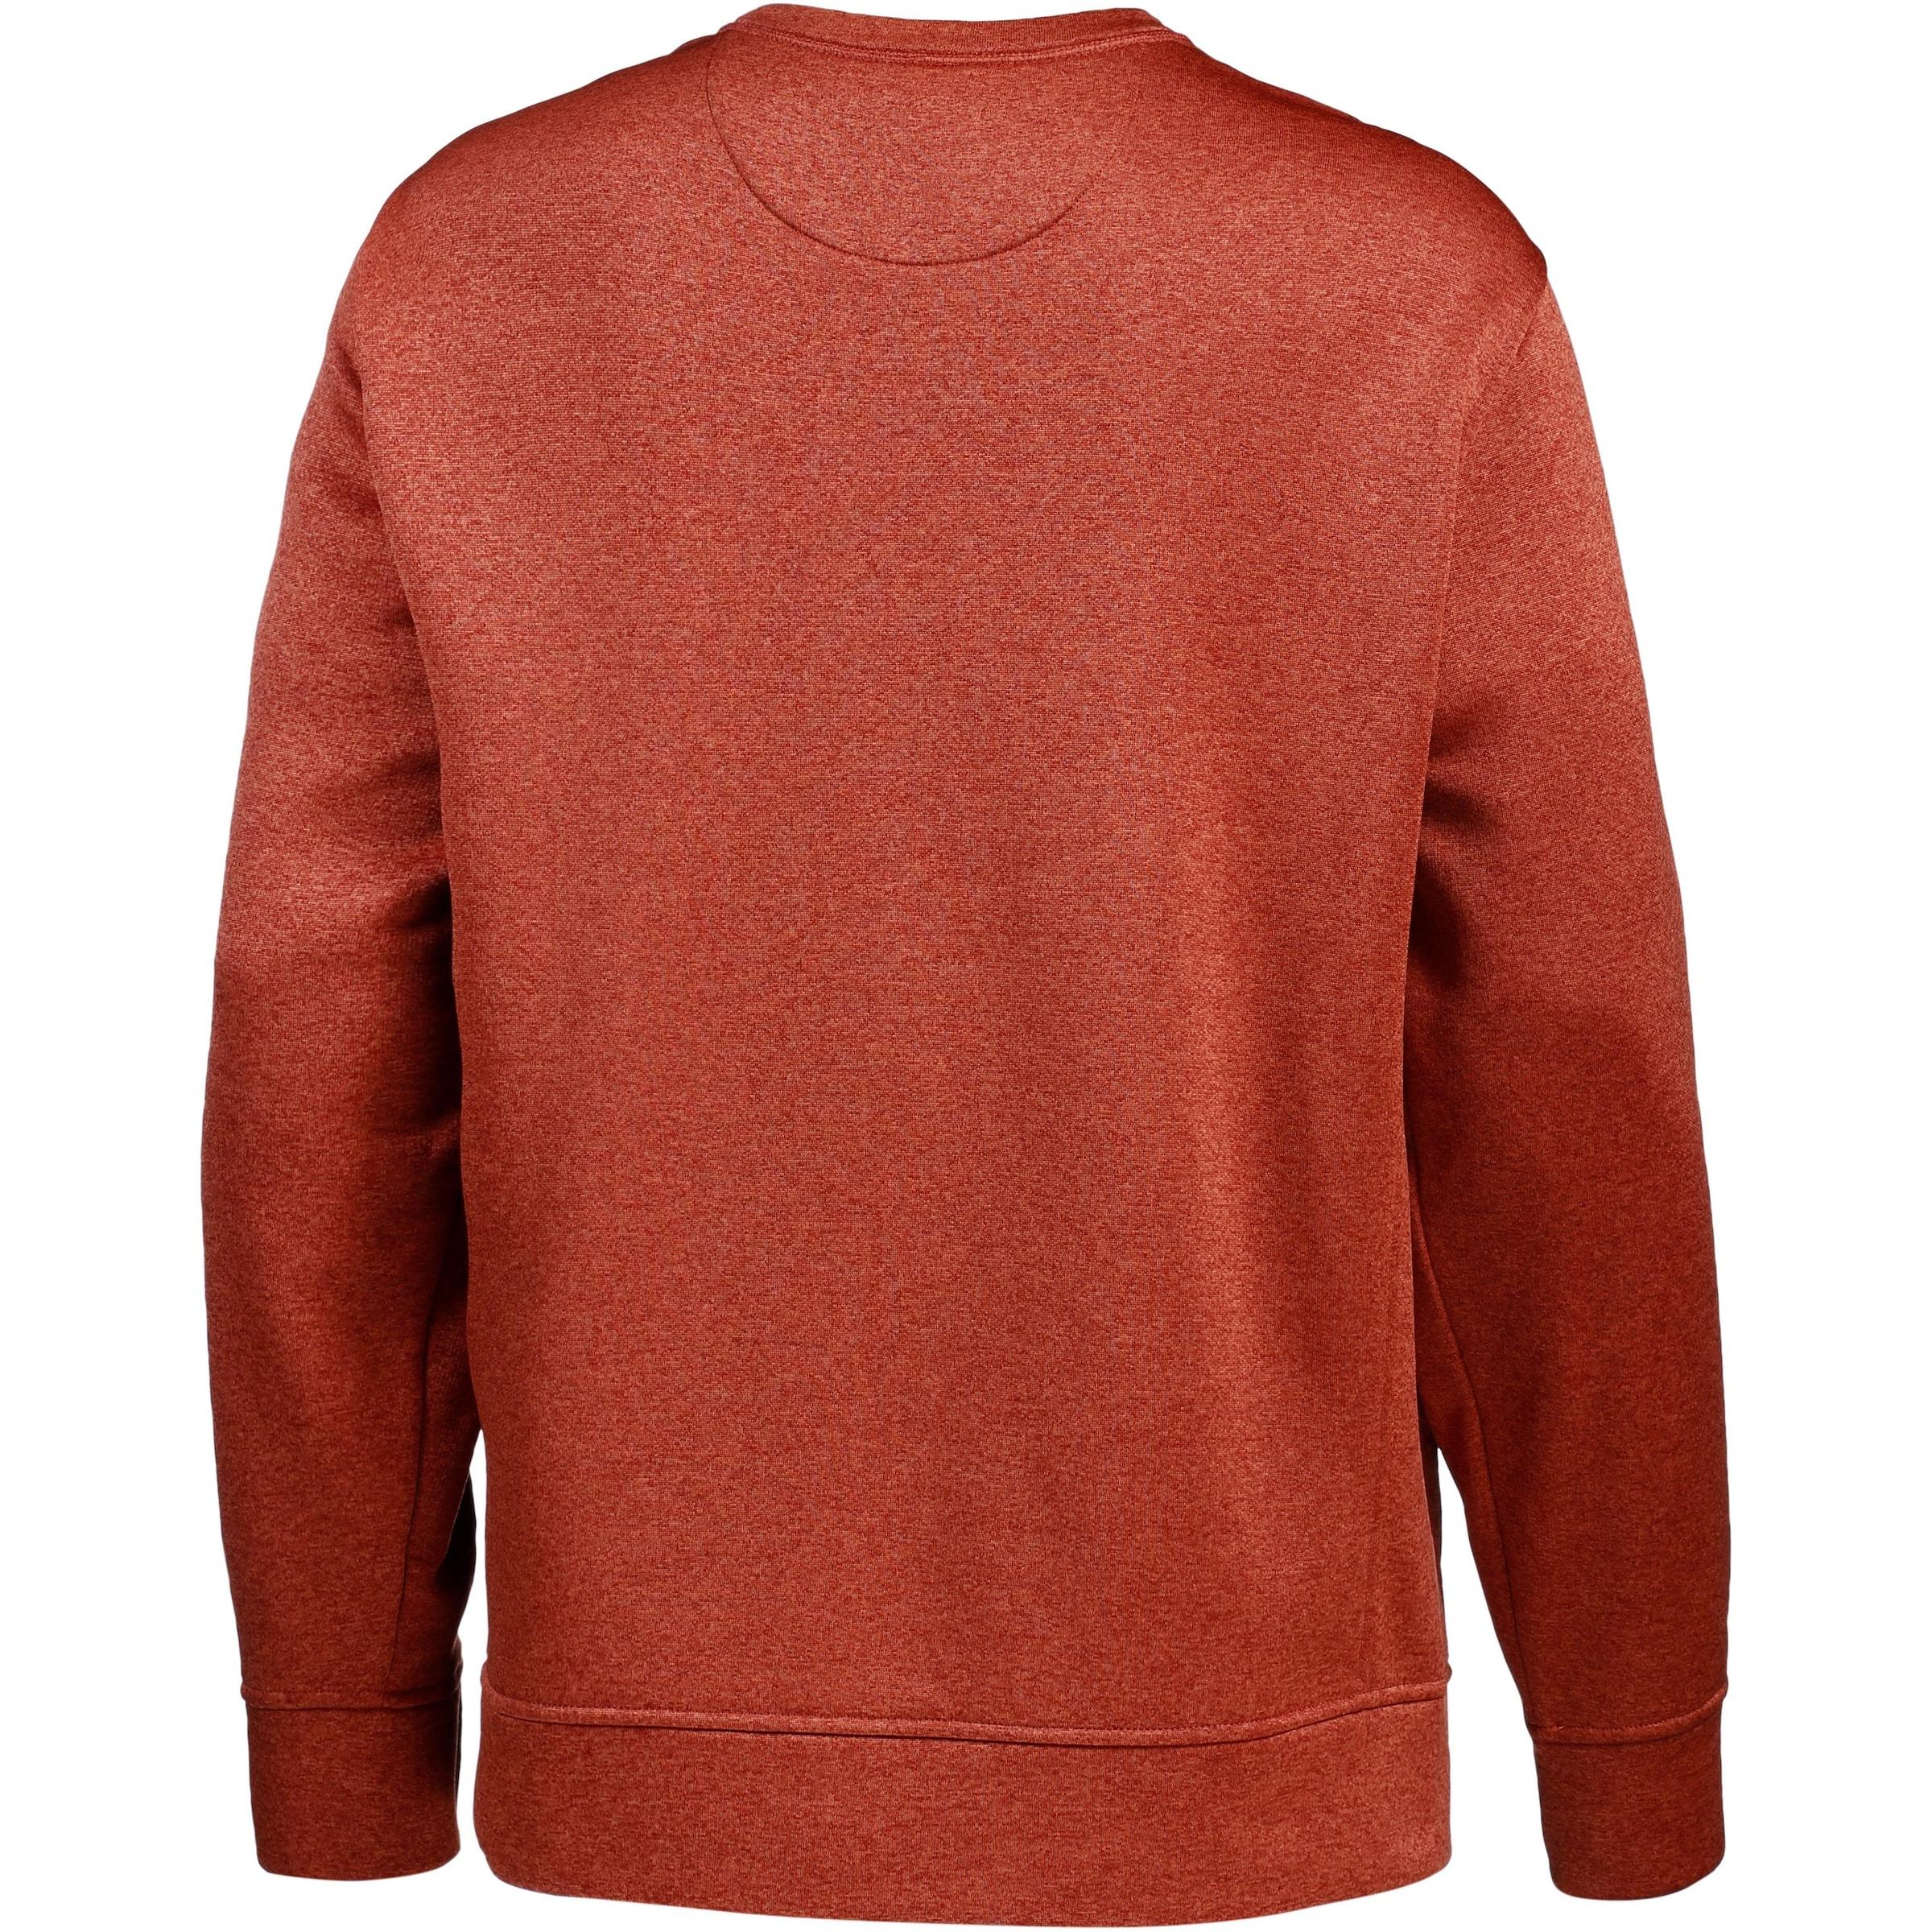 BURTON 'OAK' Sweatshirt Verkauf Niedriger Versand Billig Authentisch Auslass Großhandel Qualität Verkauf Besuch Neu Mit Dem Verkauf Kreditkarte Online dl304j